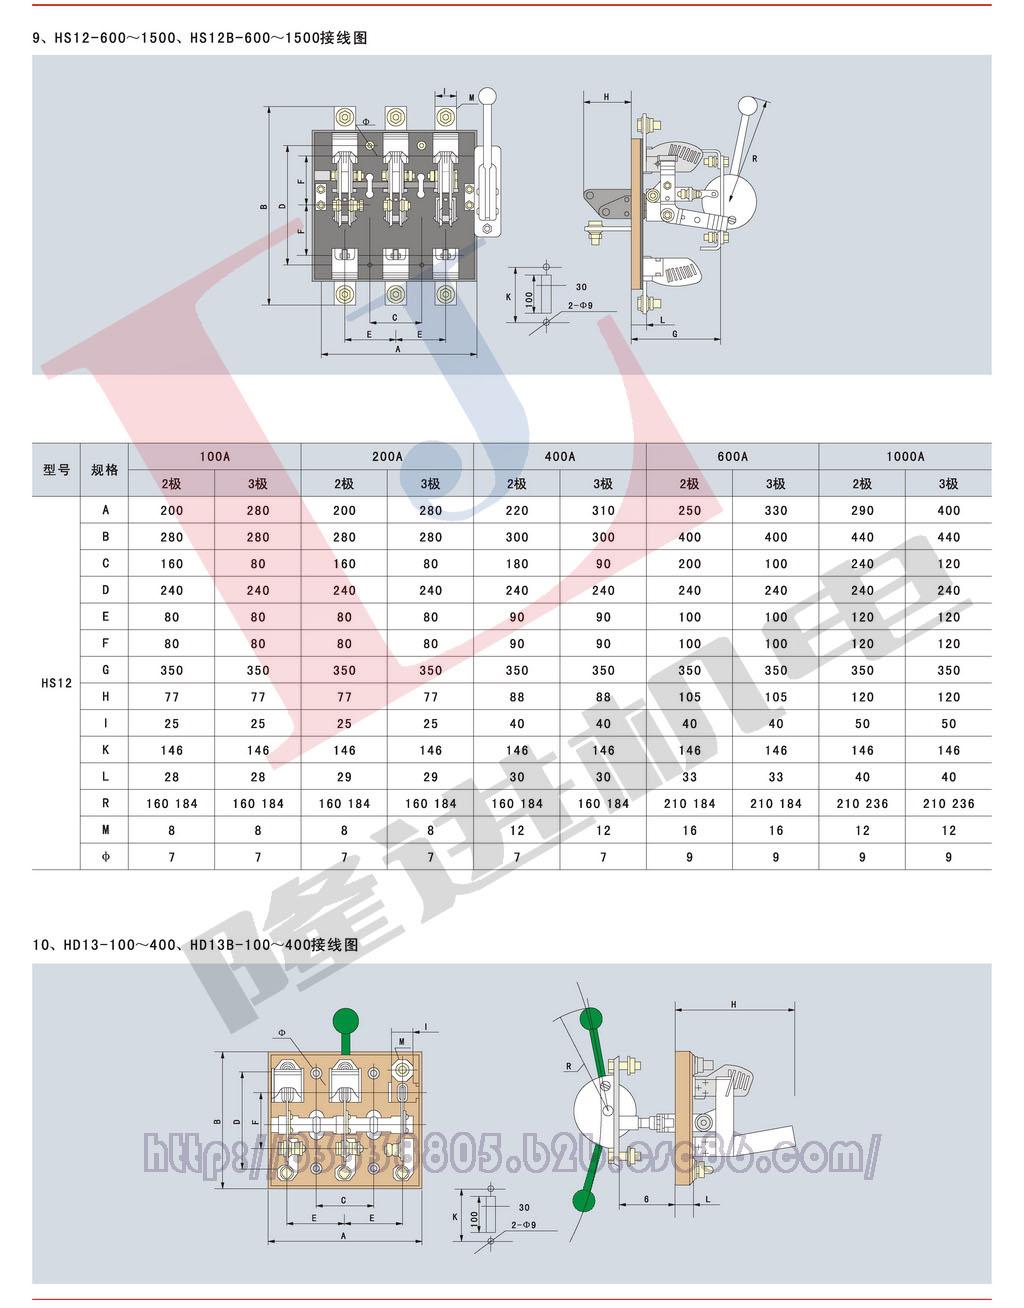 环宇HD/HS系列刀开关图片六